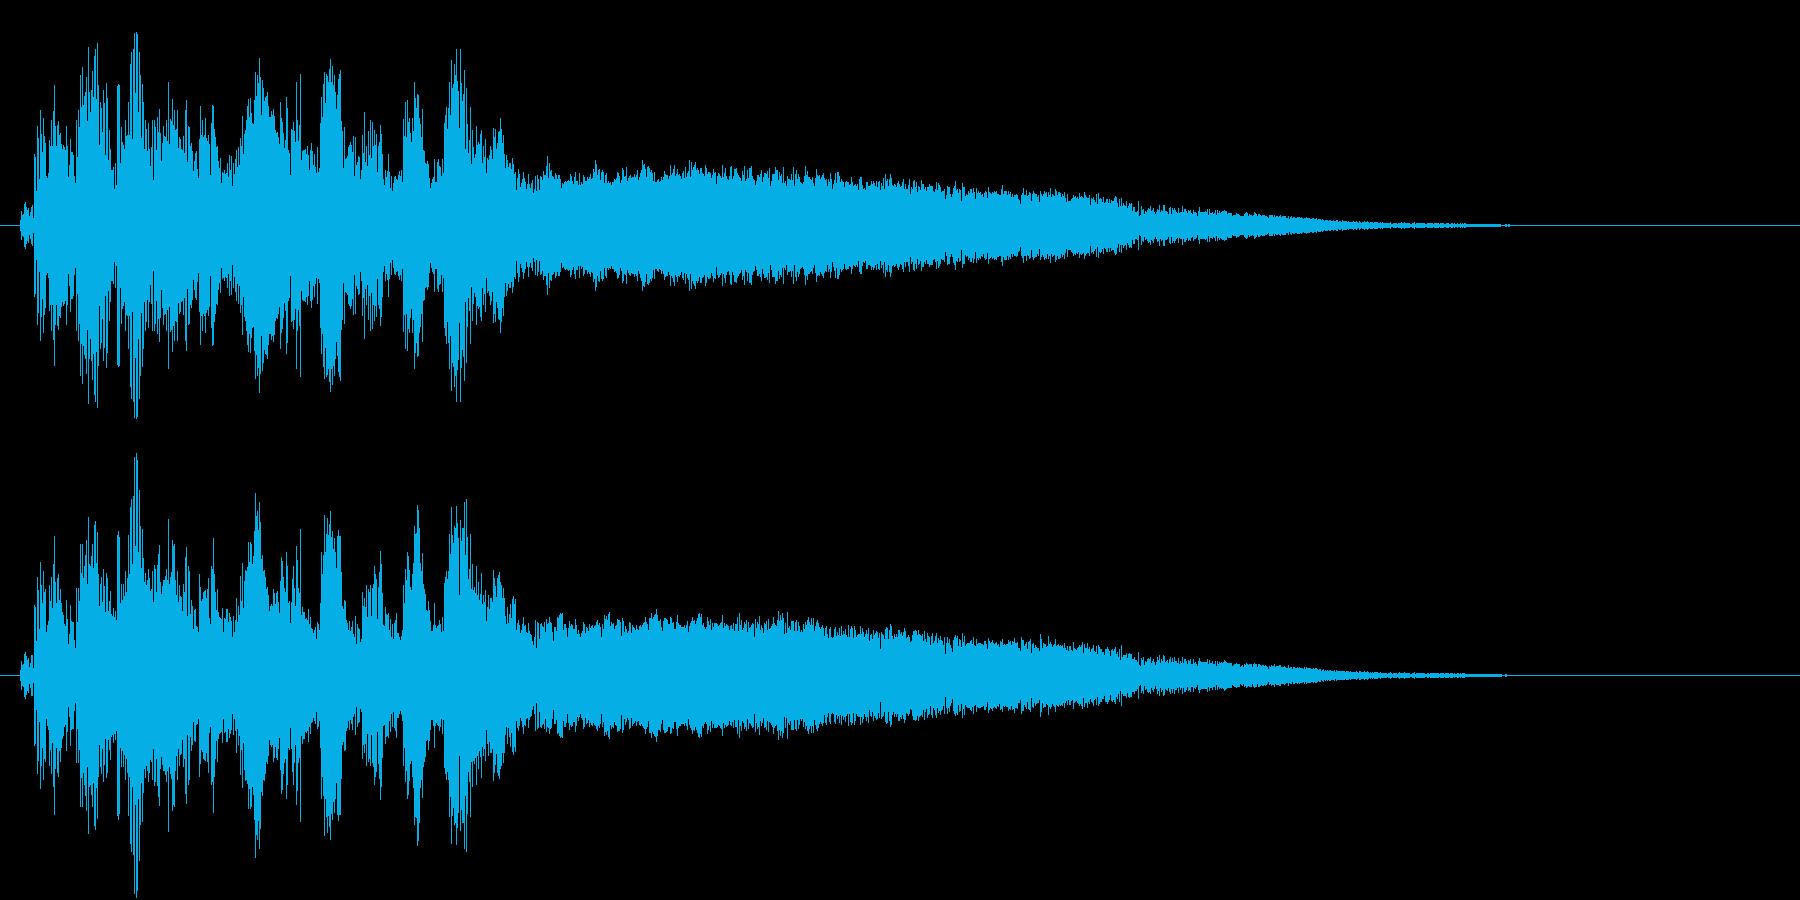 近未来の機械の始動するときの音の再生済みの波形